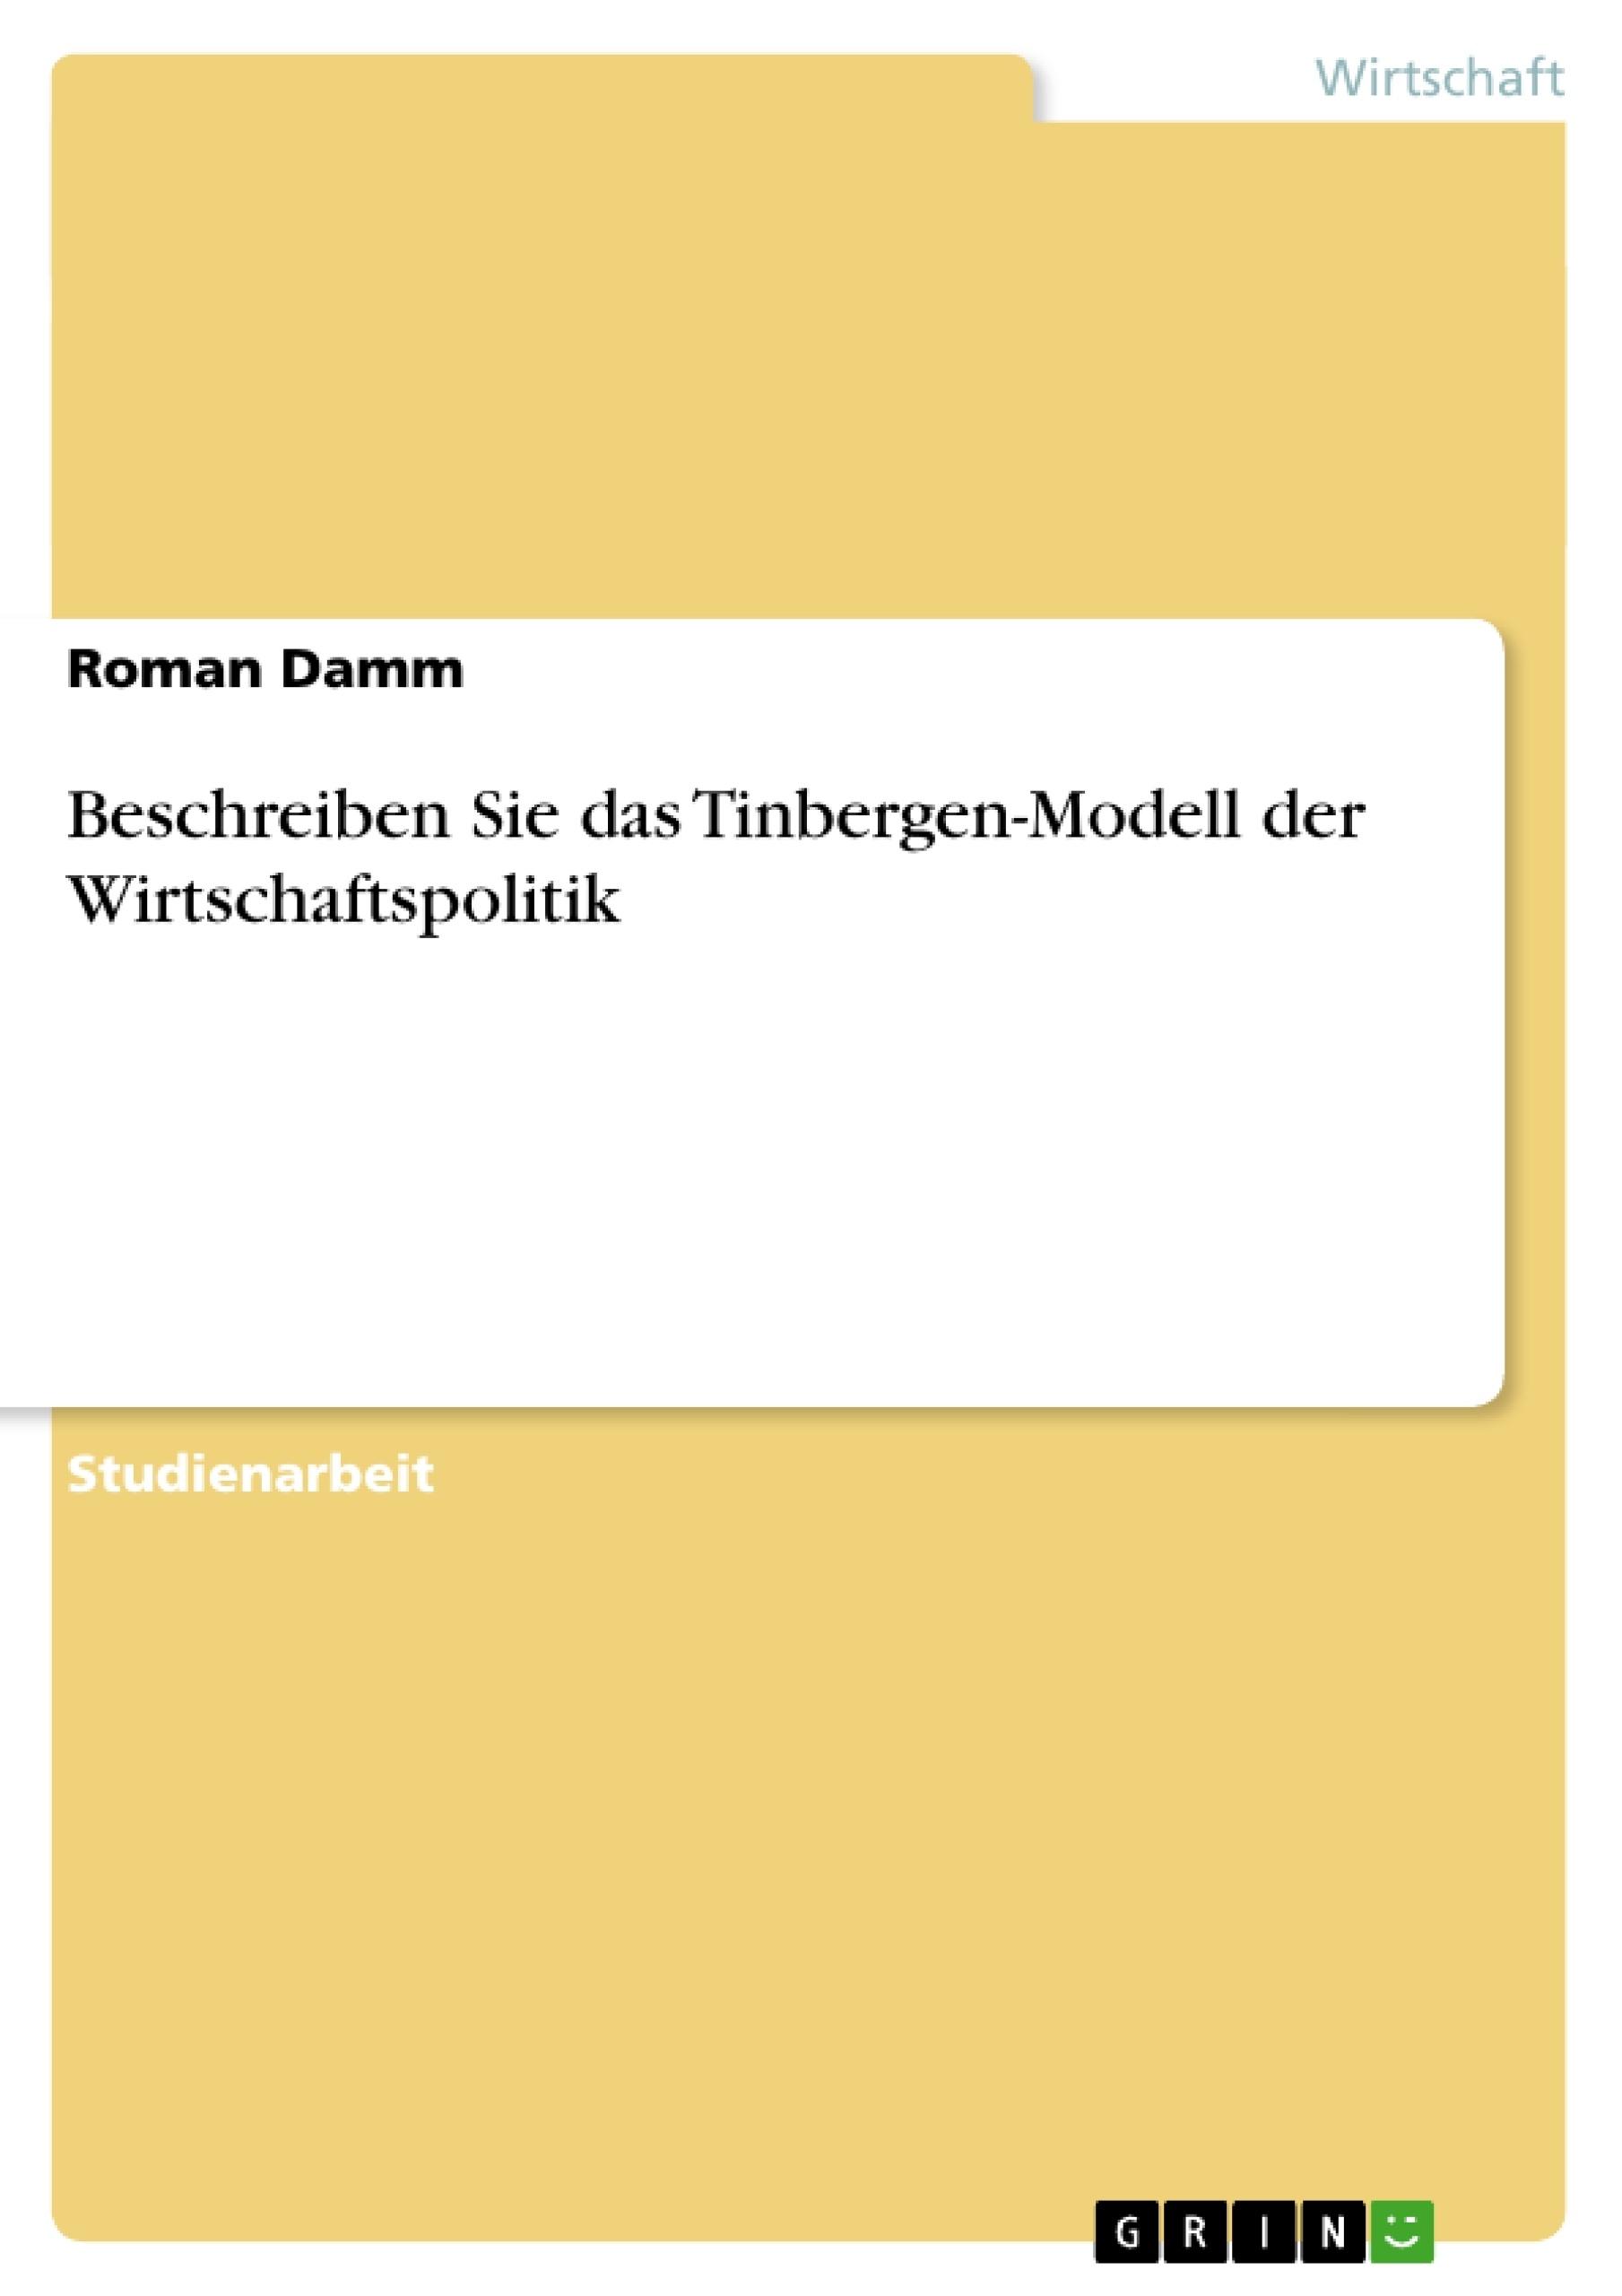 Titel: Beschreiben Sie das Tinbergen-Modell der Wirtschaftspolitik